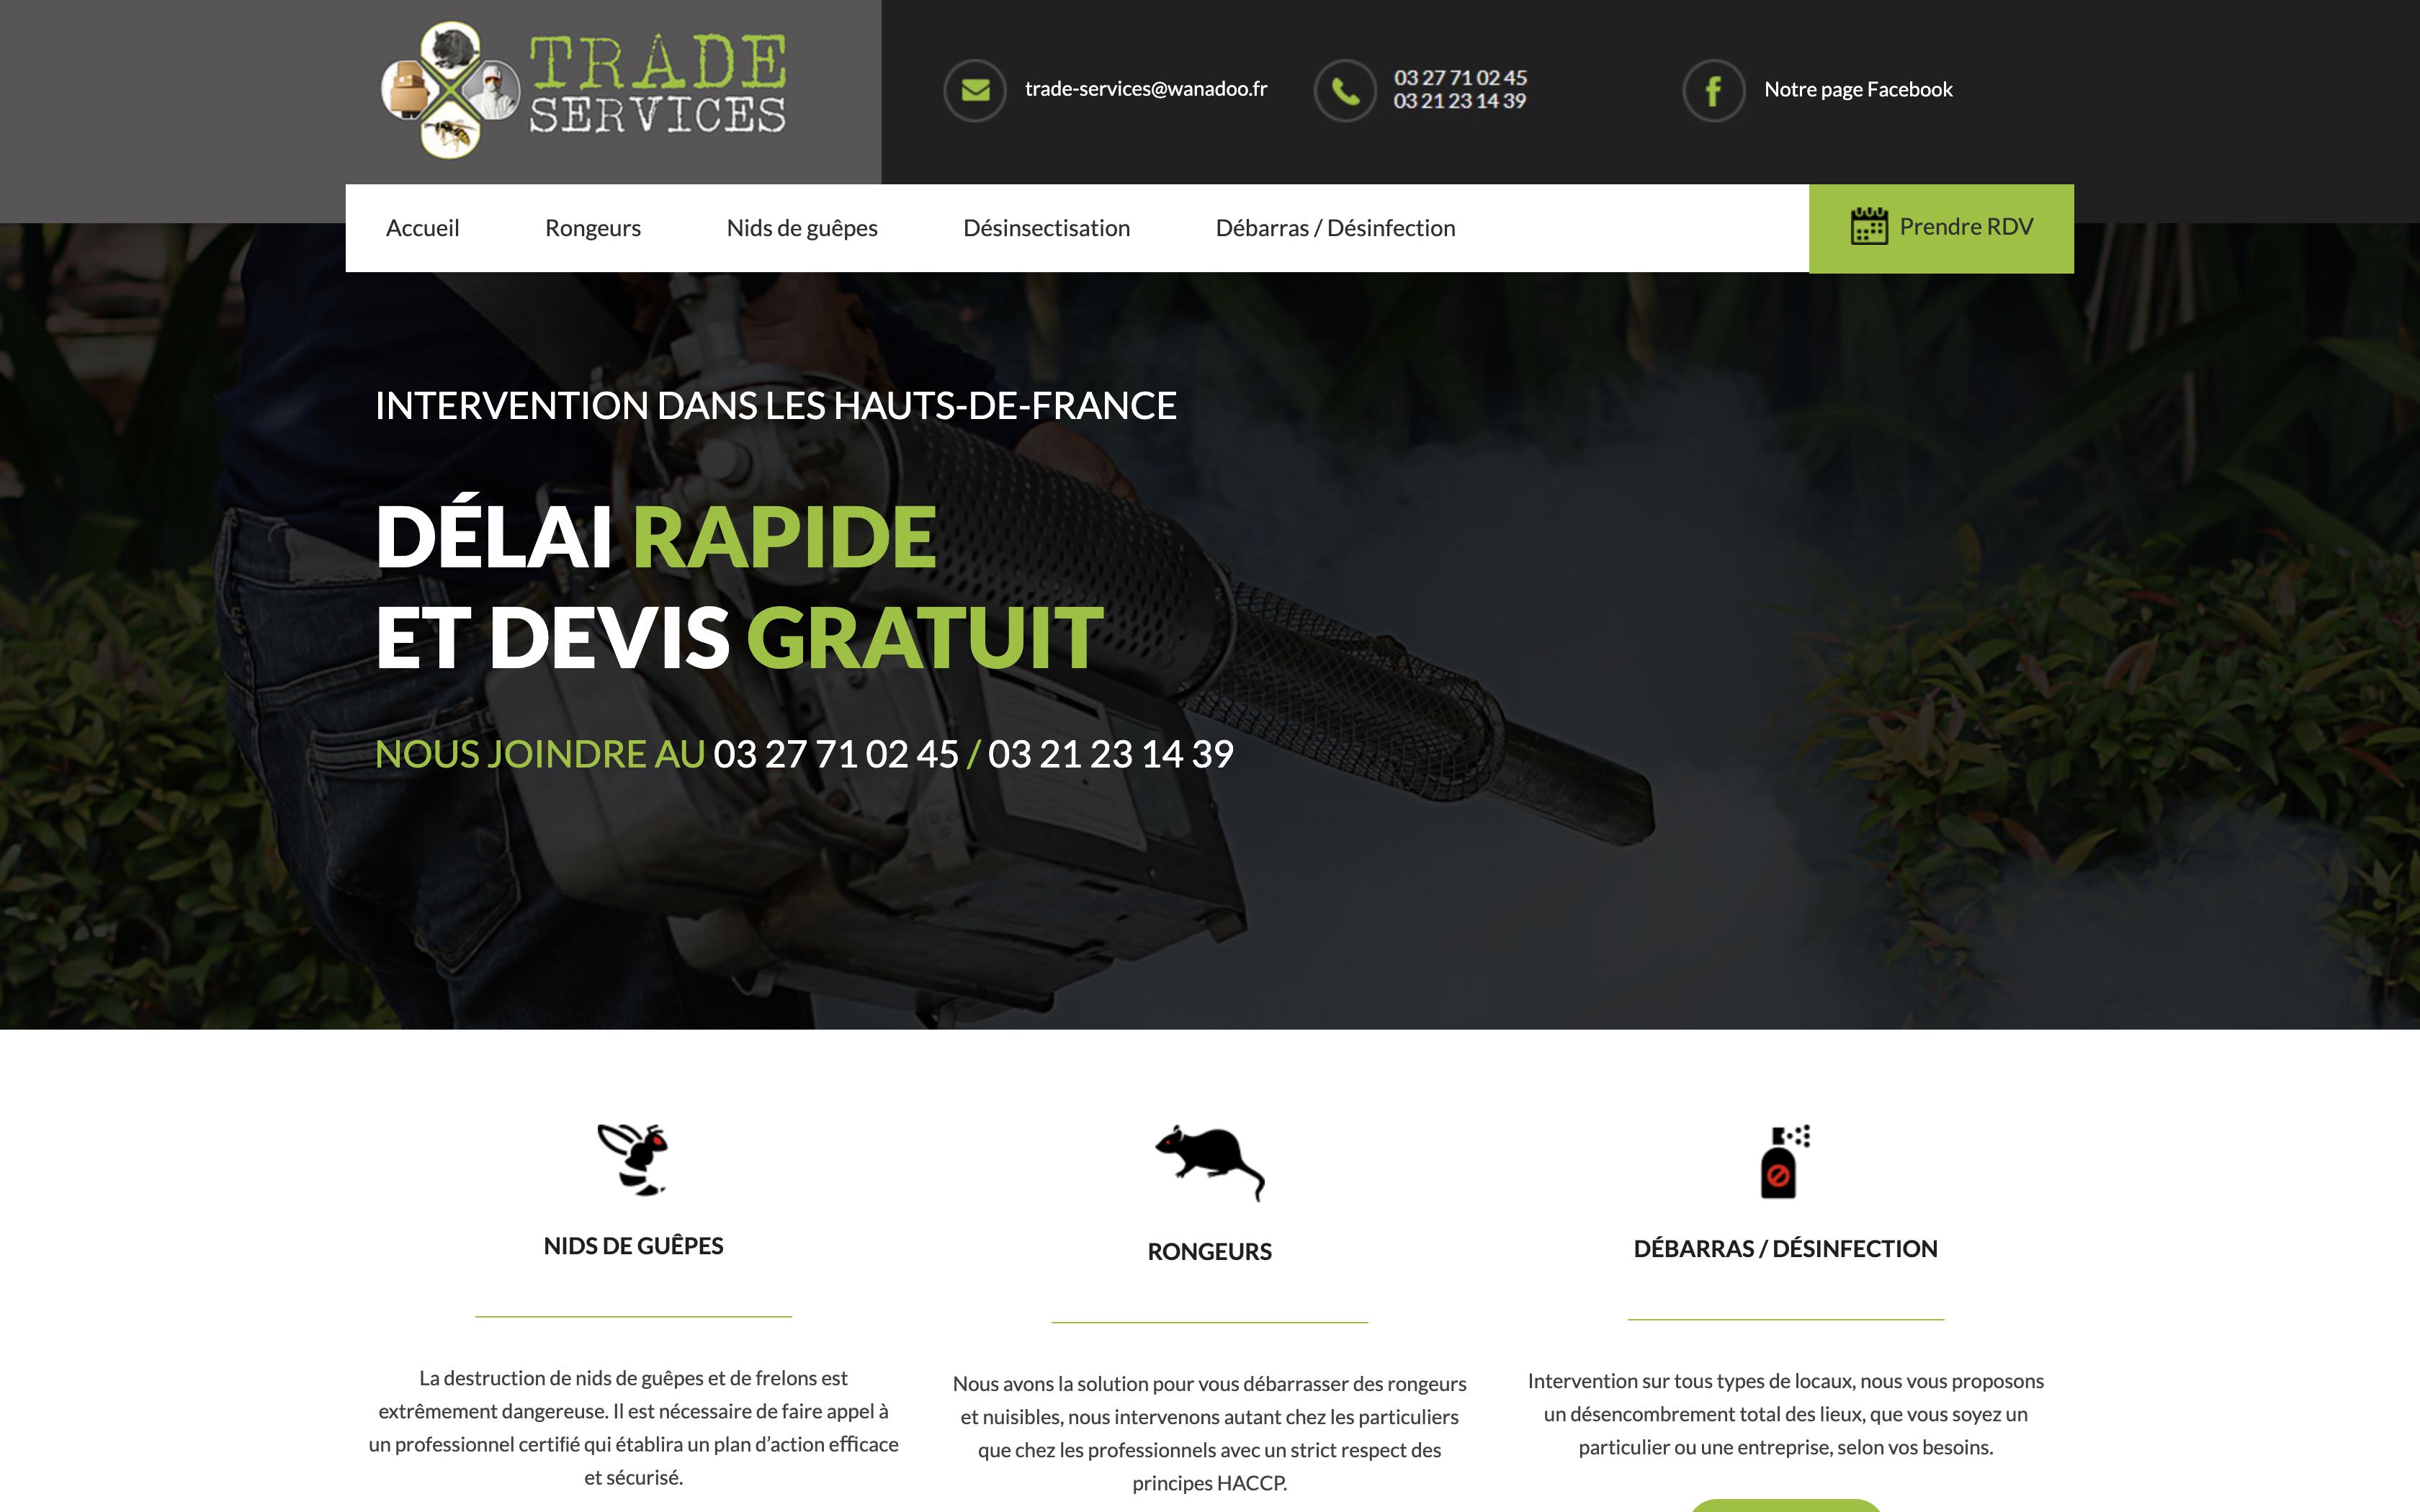 Création du site Trade Services